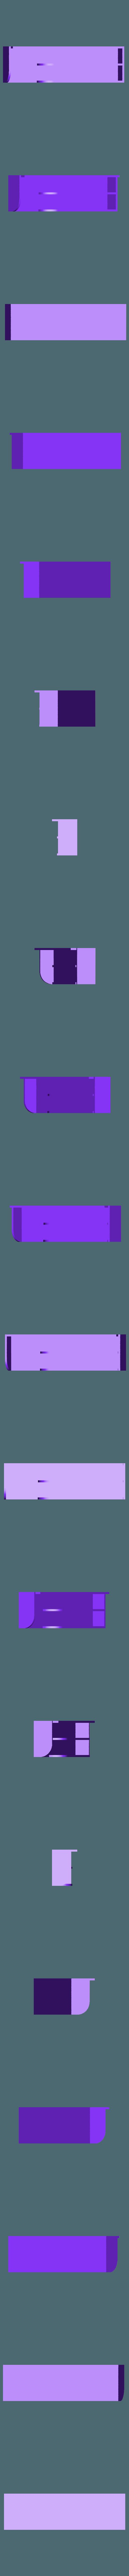 RazorRI.stl Télécharger fichier STL gratuit Porte-rasoir Naga Trinity • Modèle pour imprimante 3D, densvenske